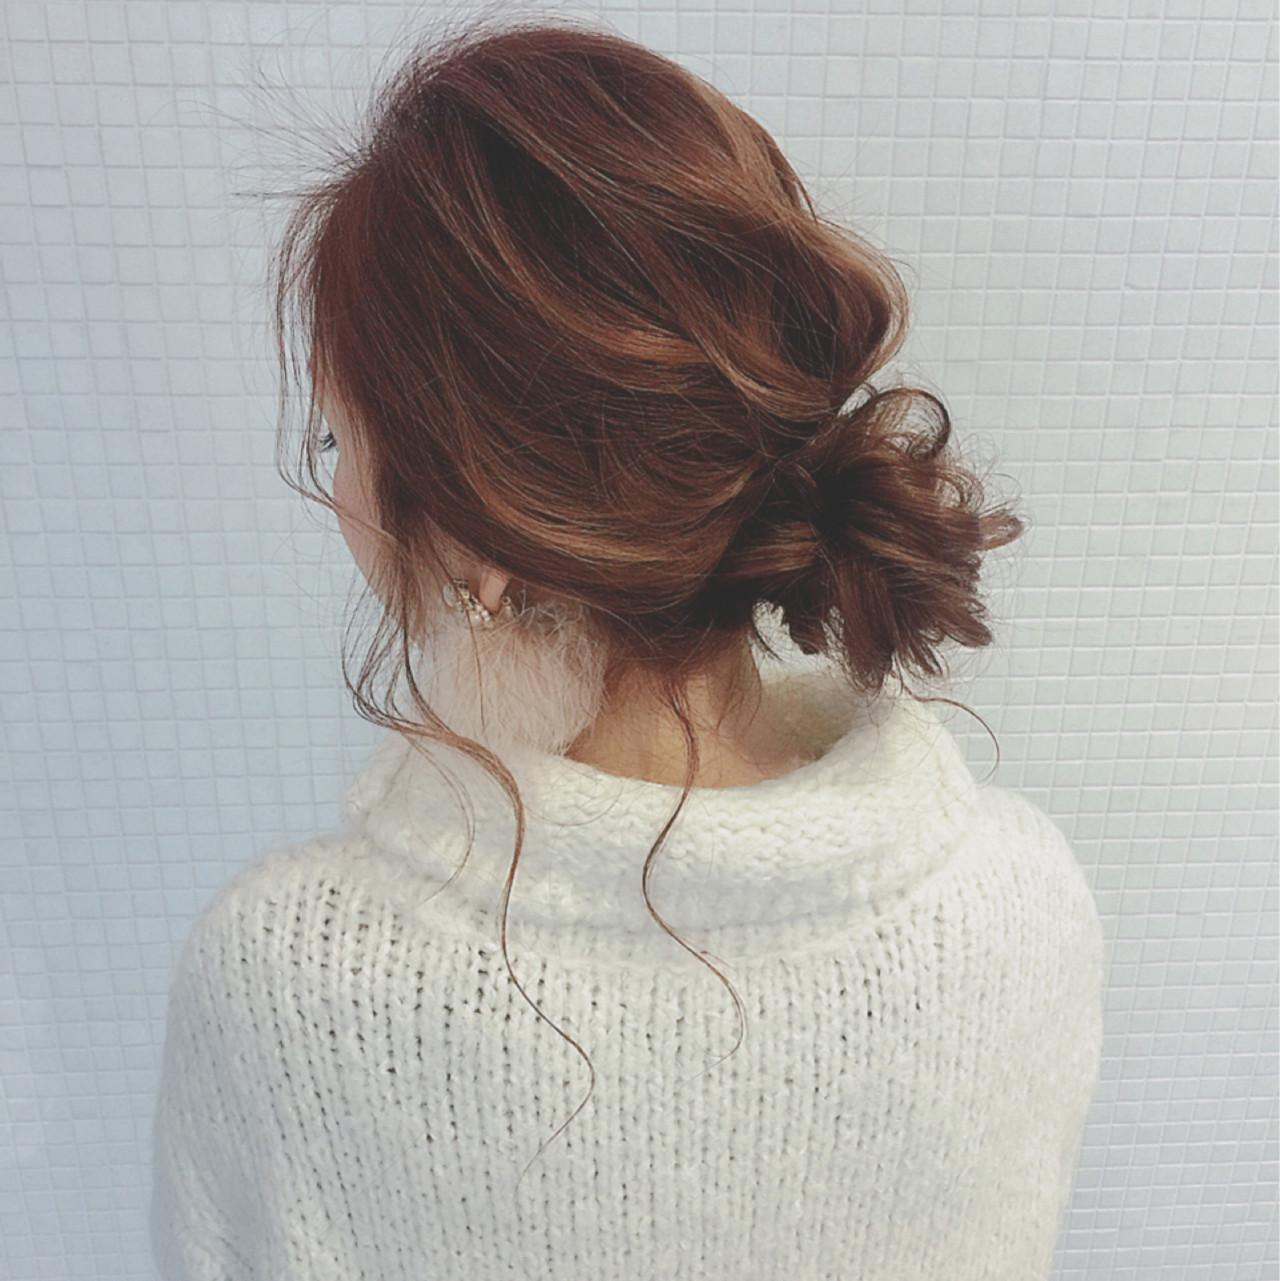 ゆるふわ フェミニン お団子 ロング ヘアスタイルや髪型の写真・画像